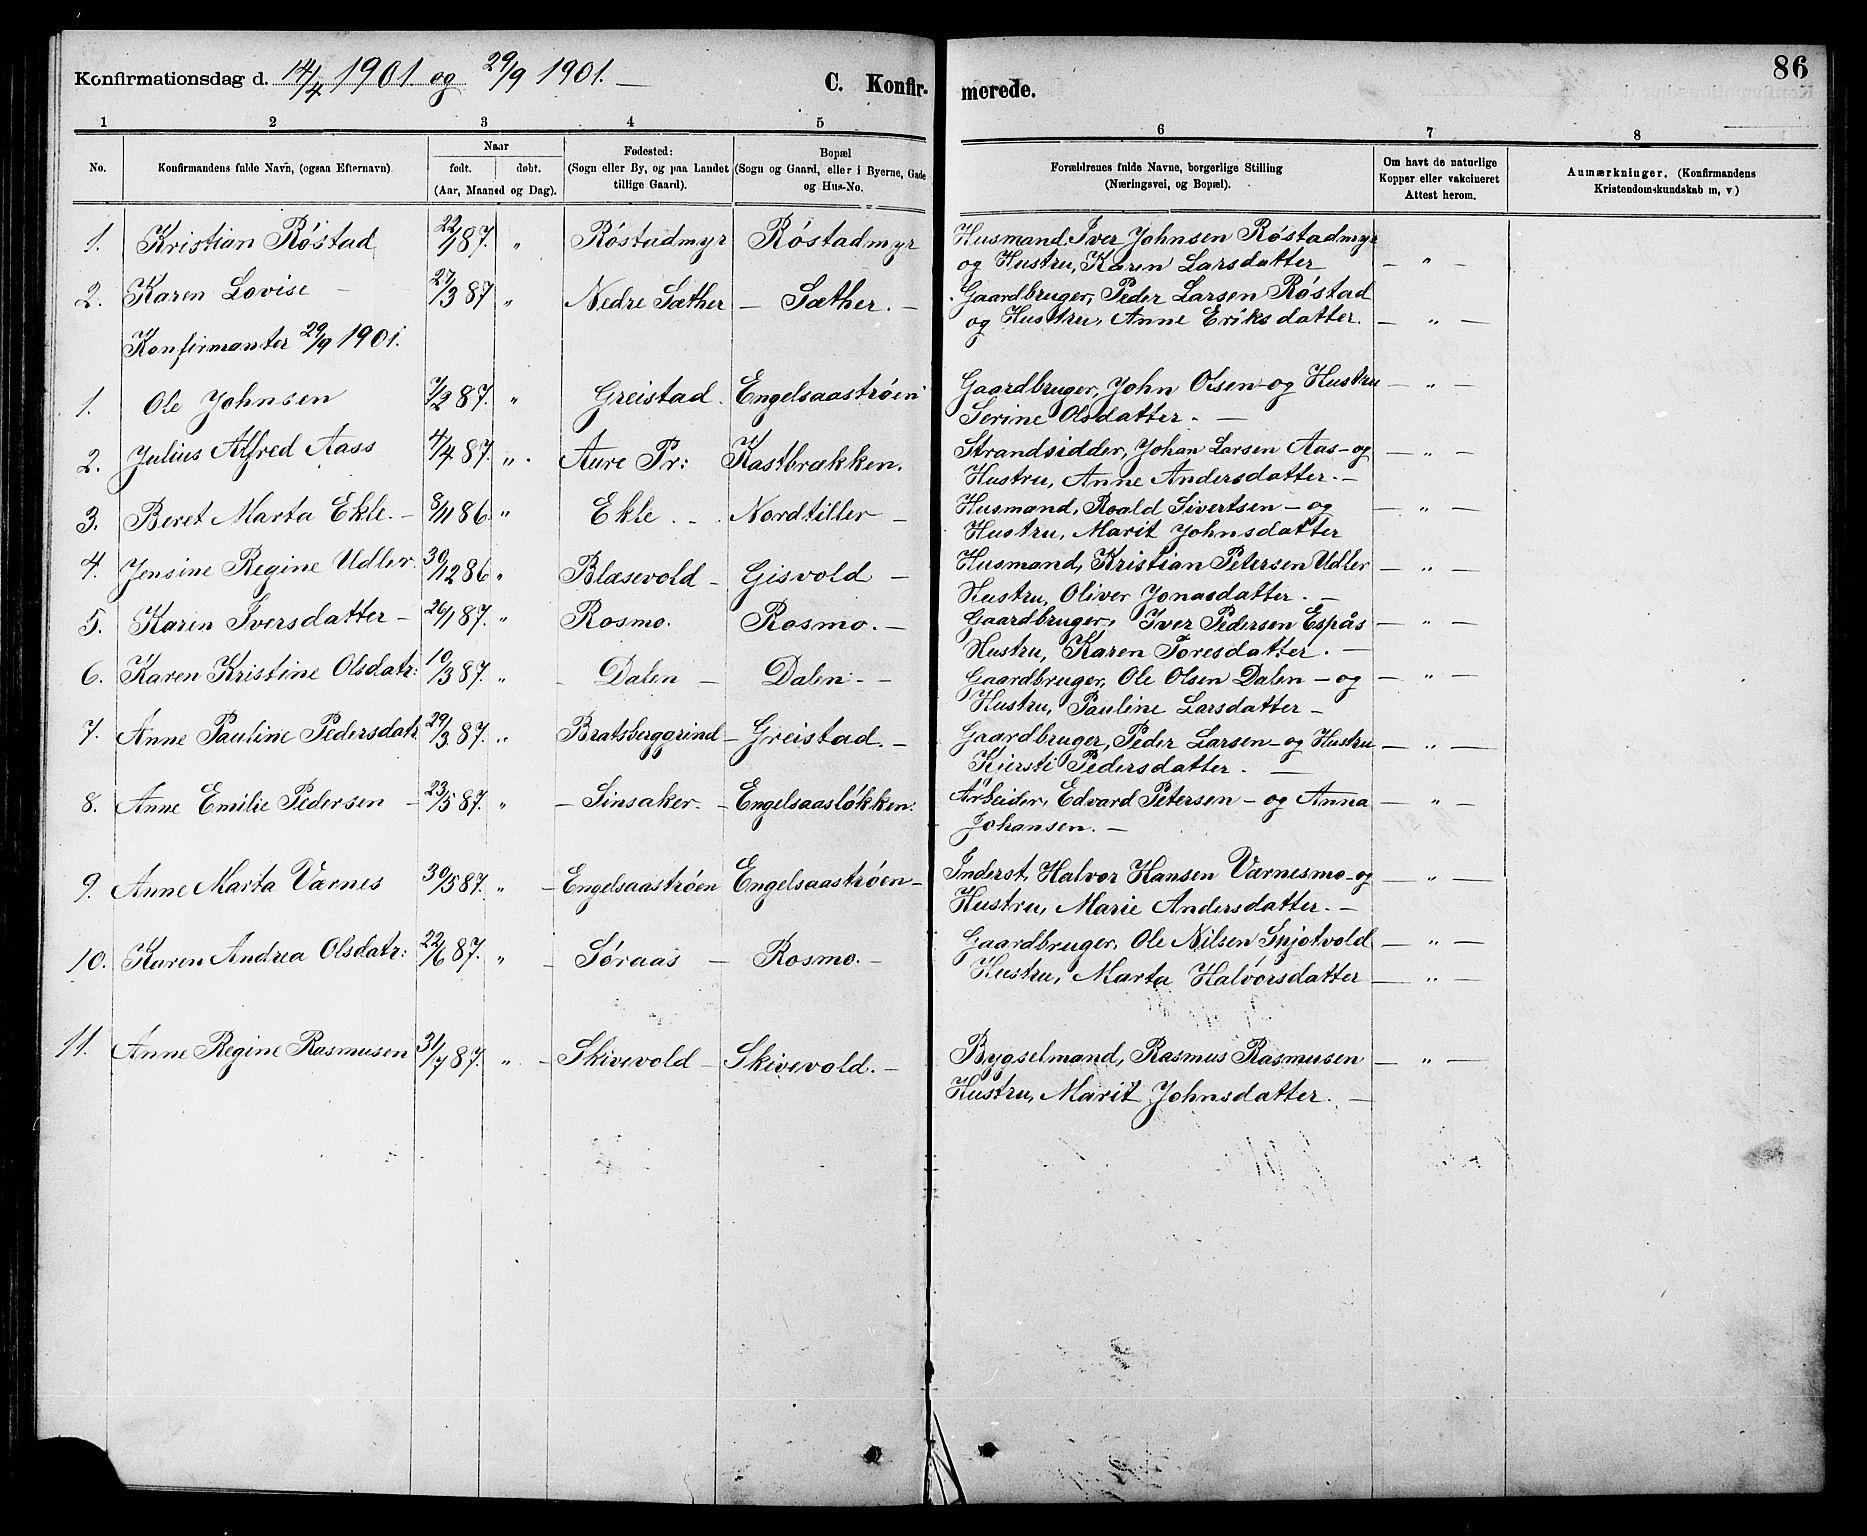 SAT, Ministerialprotokoller, klokkerbøker og fødselsregistre - Sør-Trøndelag, 608/L0341: Klokkerbok nr. 608C07, 1890-1912, s. 86